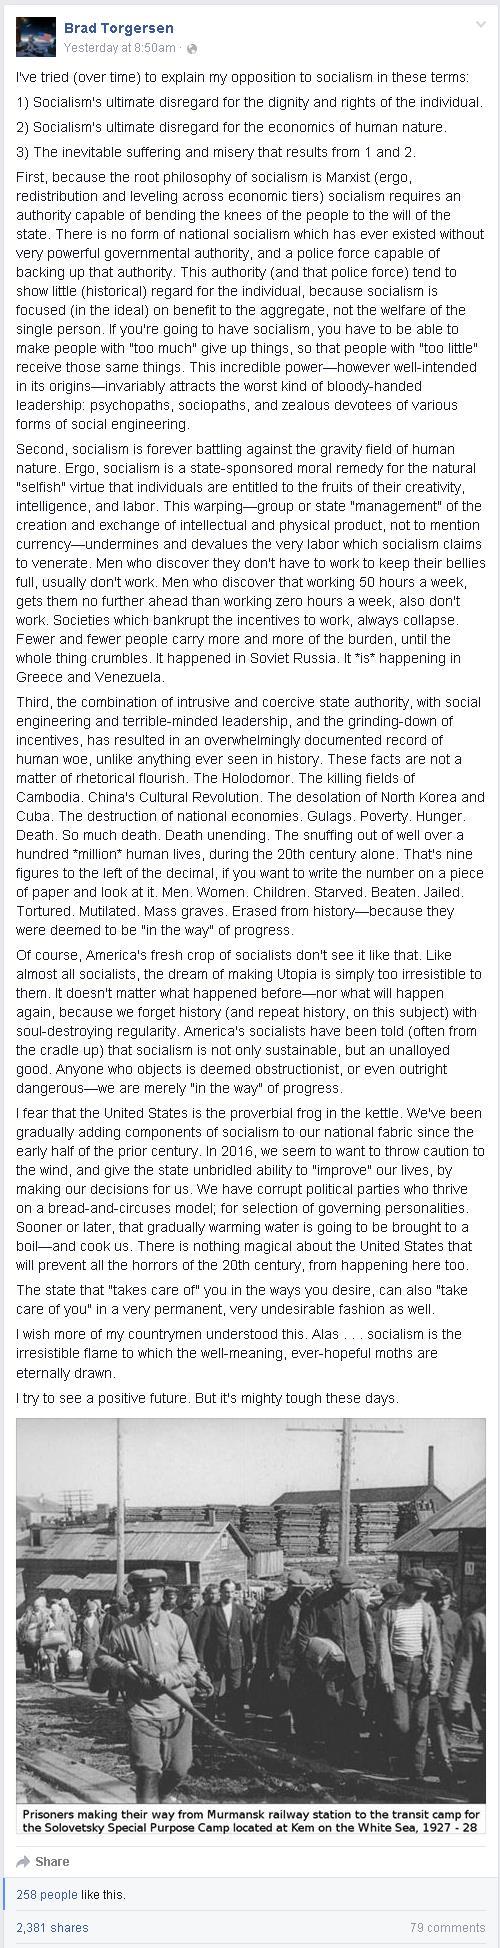 Brad Torgersen Explains Socialism